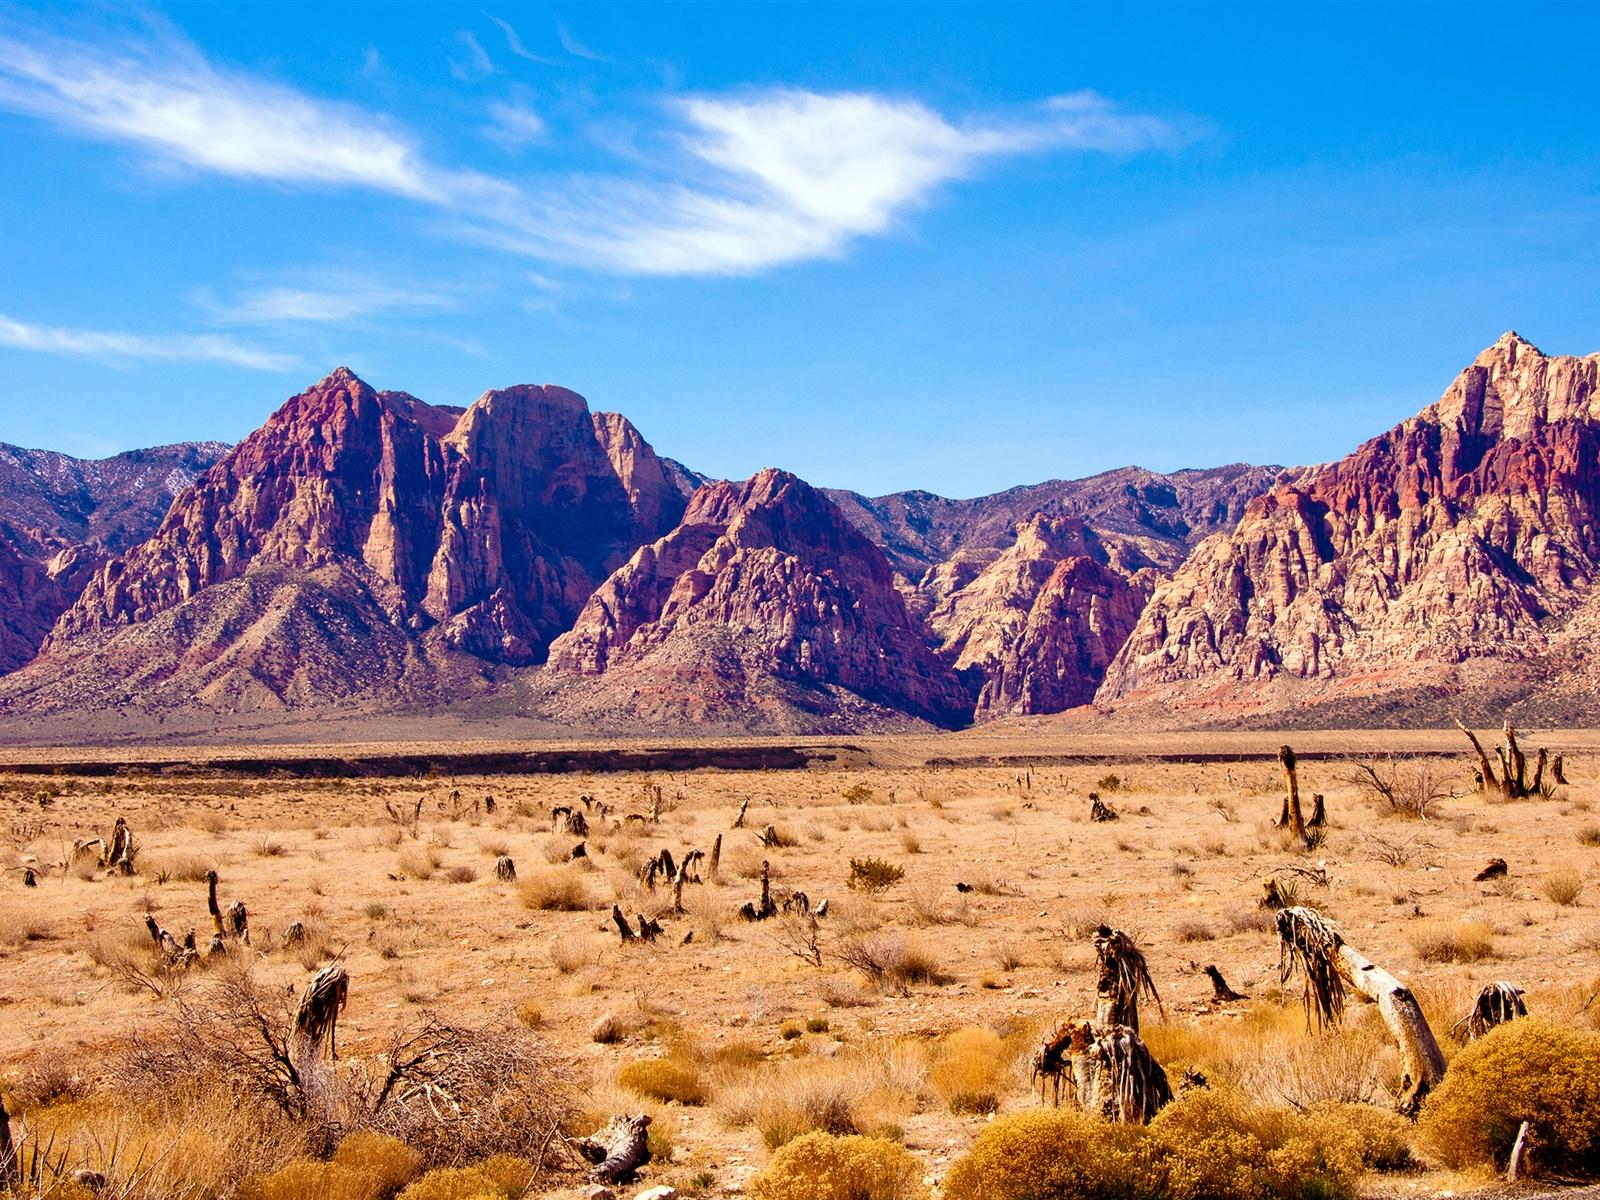 Cowboy Backgrounds Landscape